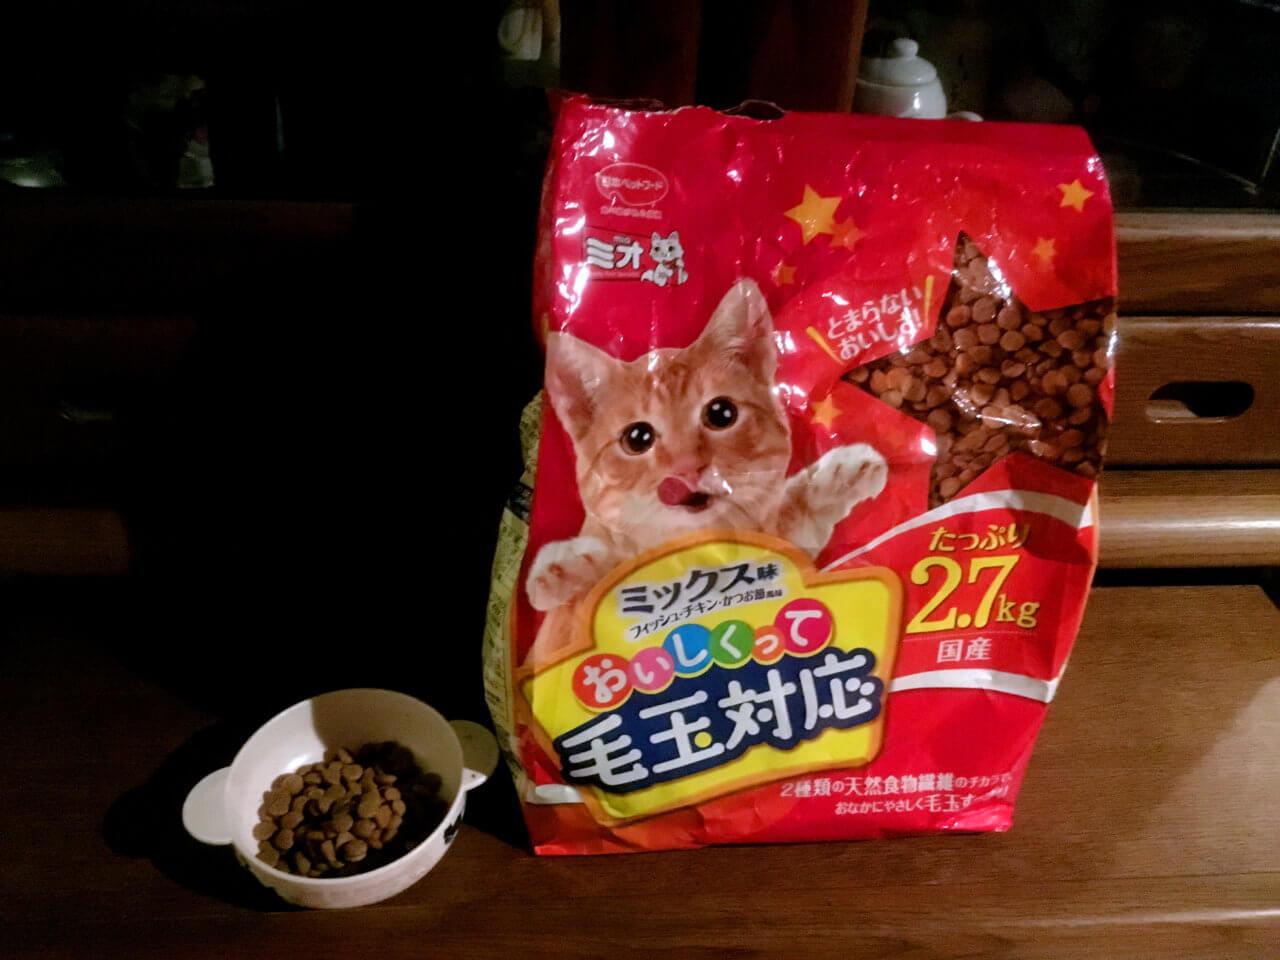 日本ペットフード株式会社 「ミックス味フィッシュ・チキン・鰹節おいしくって毛玉対応」